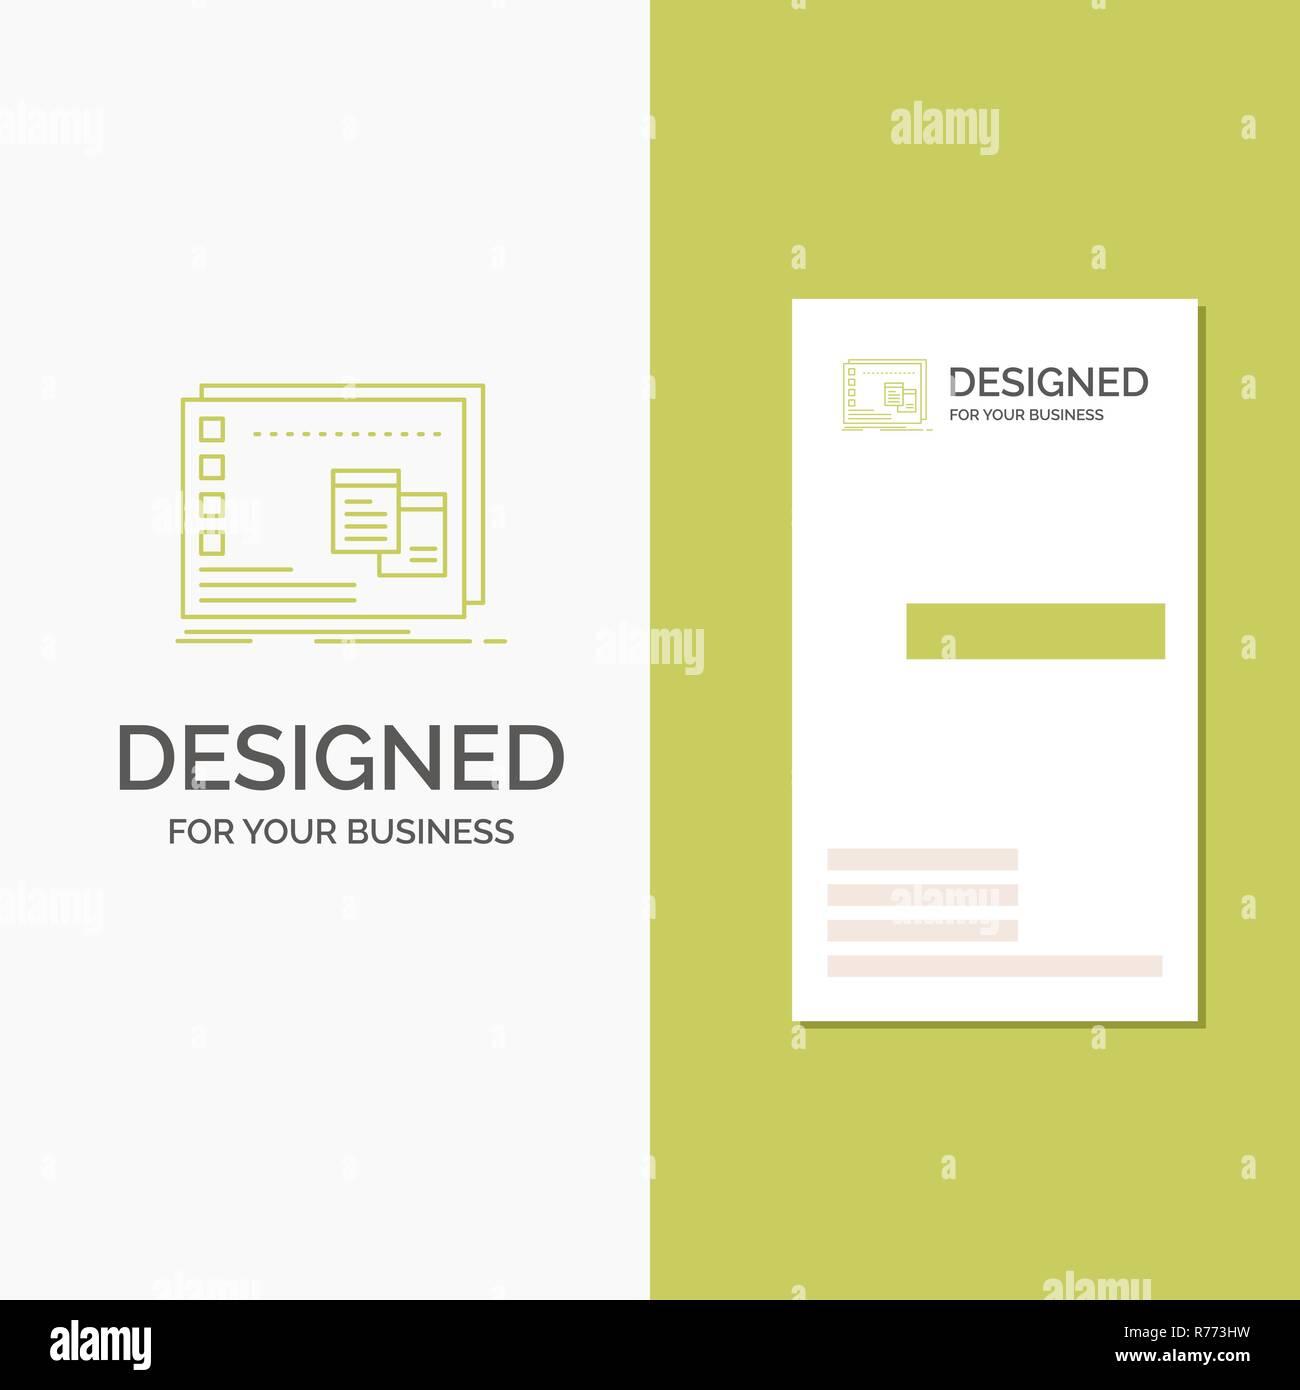 Logo Dentreprise Pour La Fenetre Mac Os Operationnel Programme Lentreprise Verte Verticale Modele De Carte Visite Arriere Plan Creatif Vector